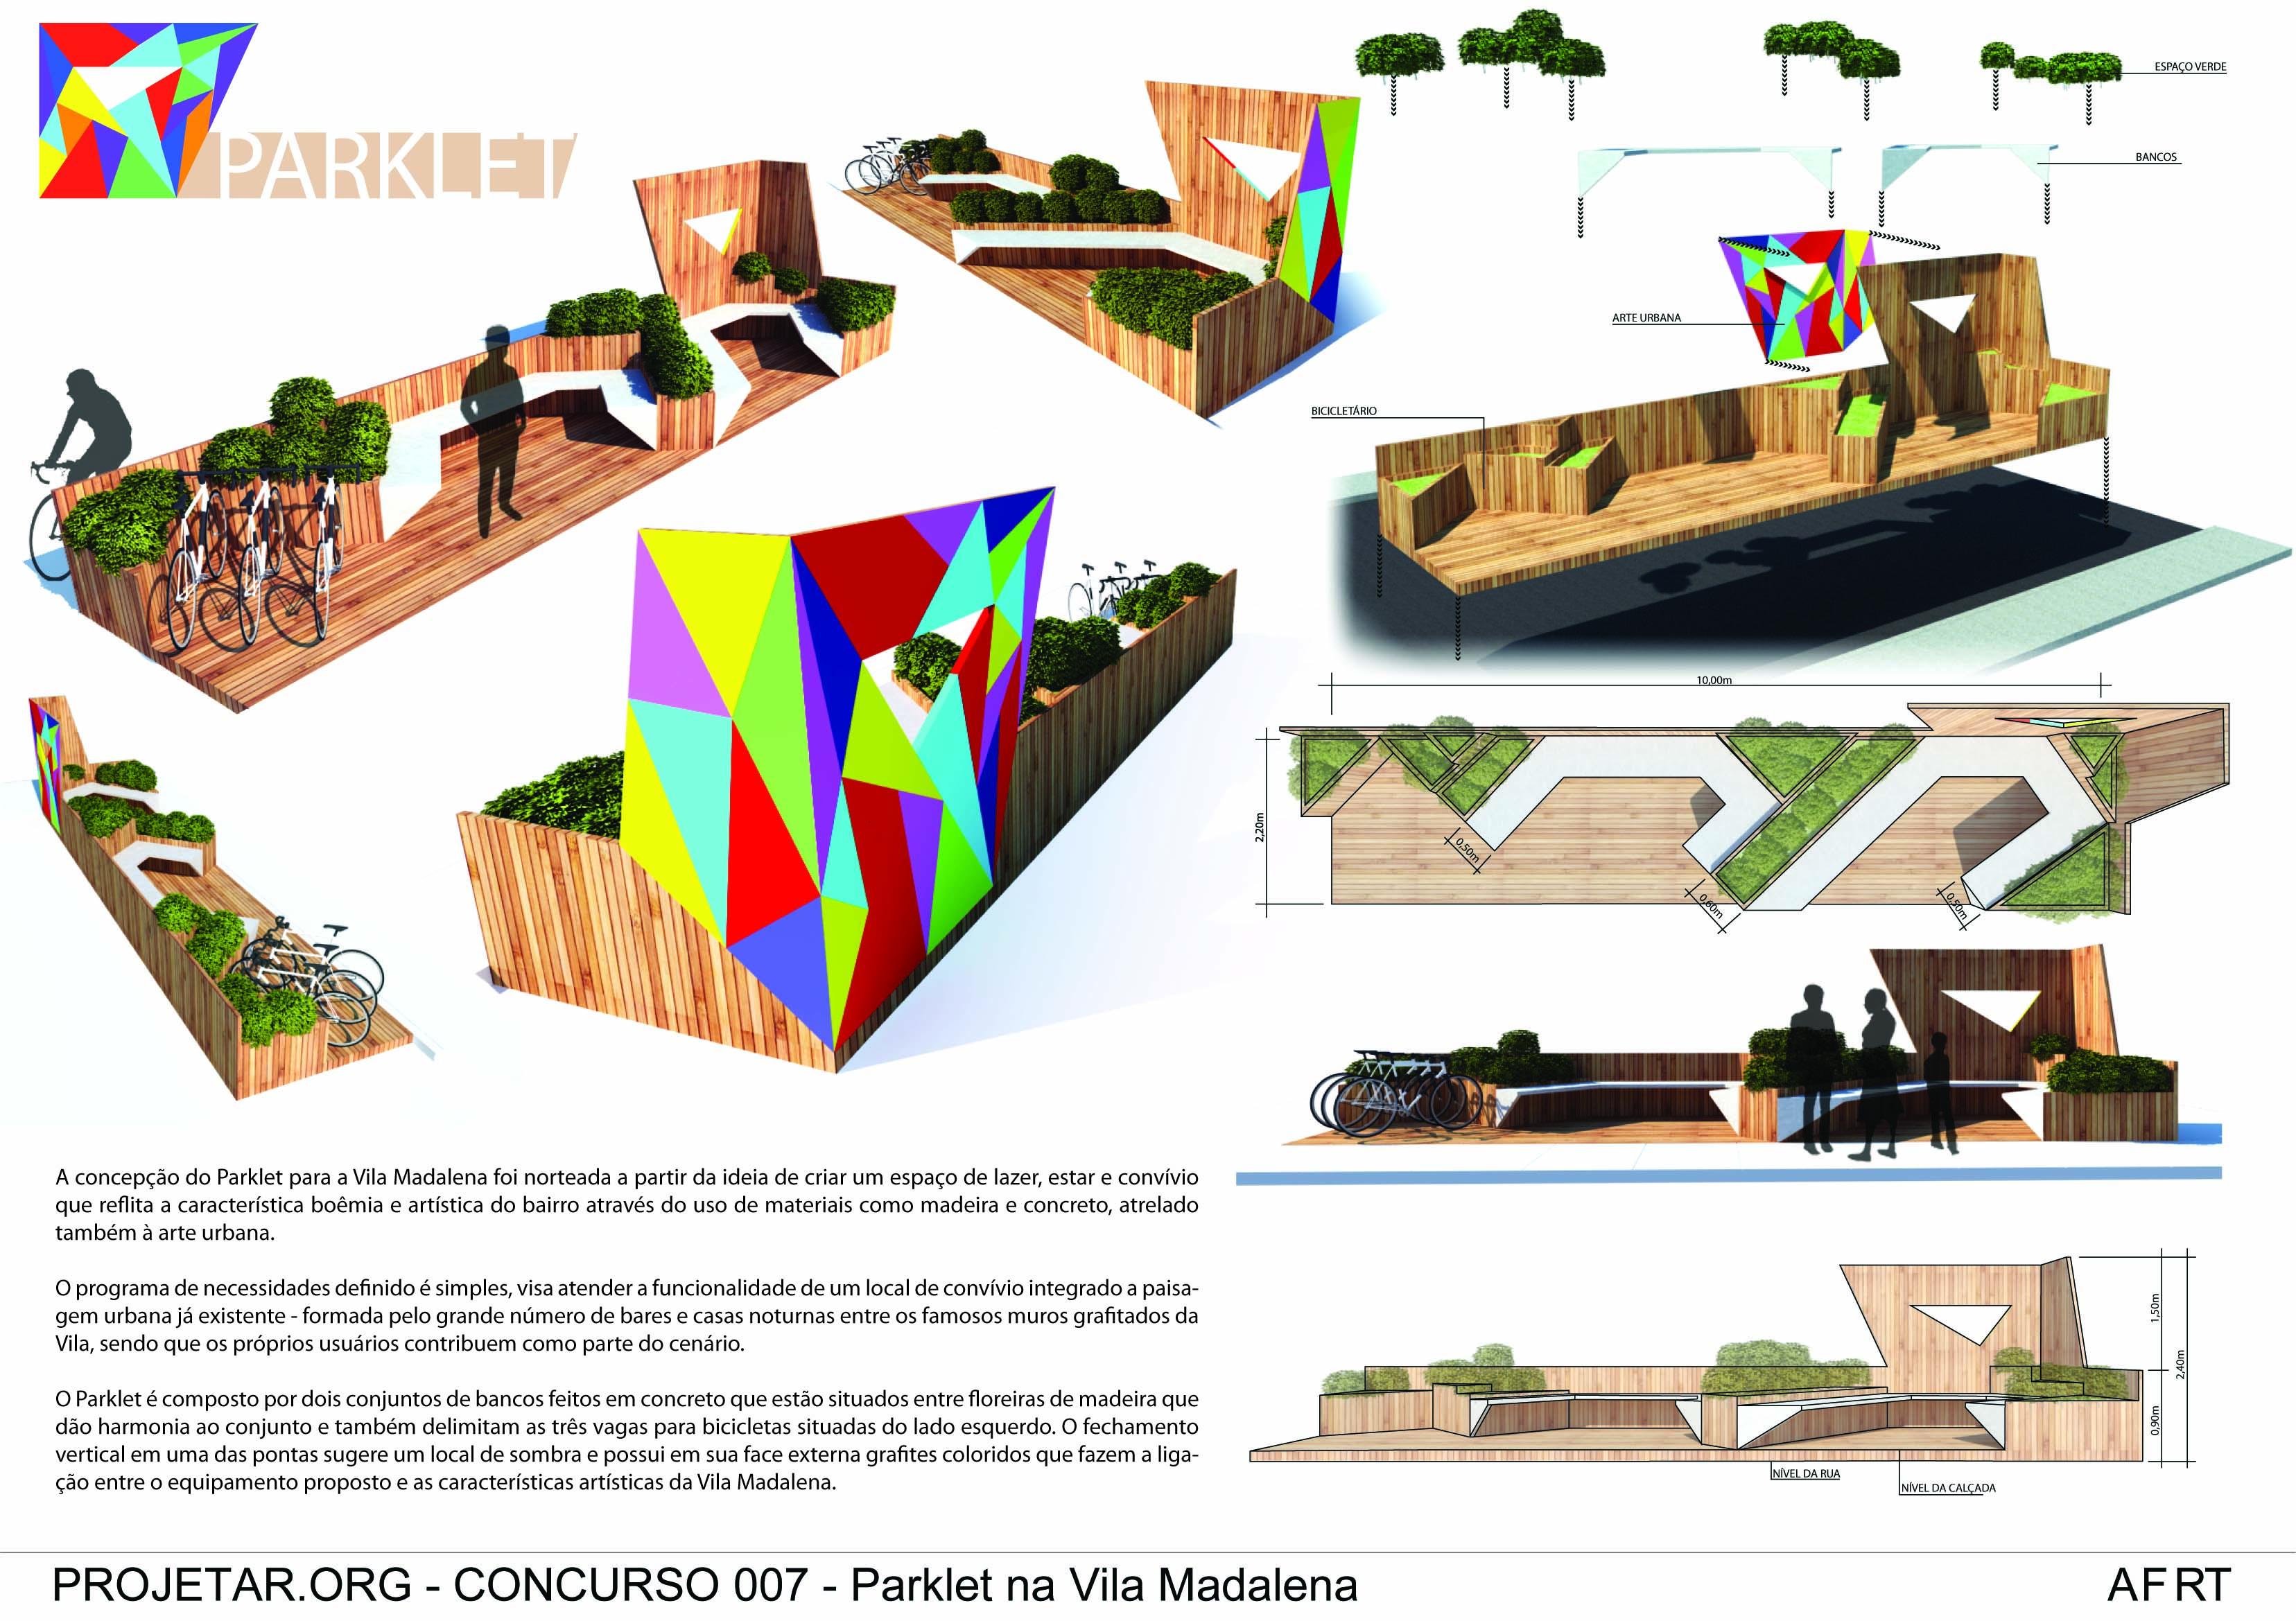 Concurso Projetar.org - Parklet - André, Fernanda, Rodrigo e Thiago